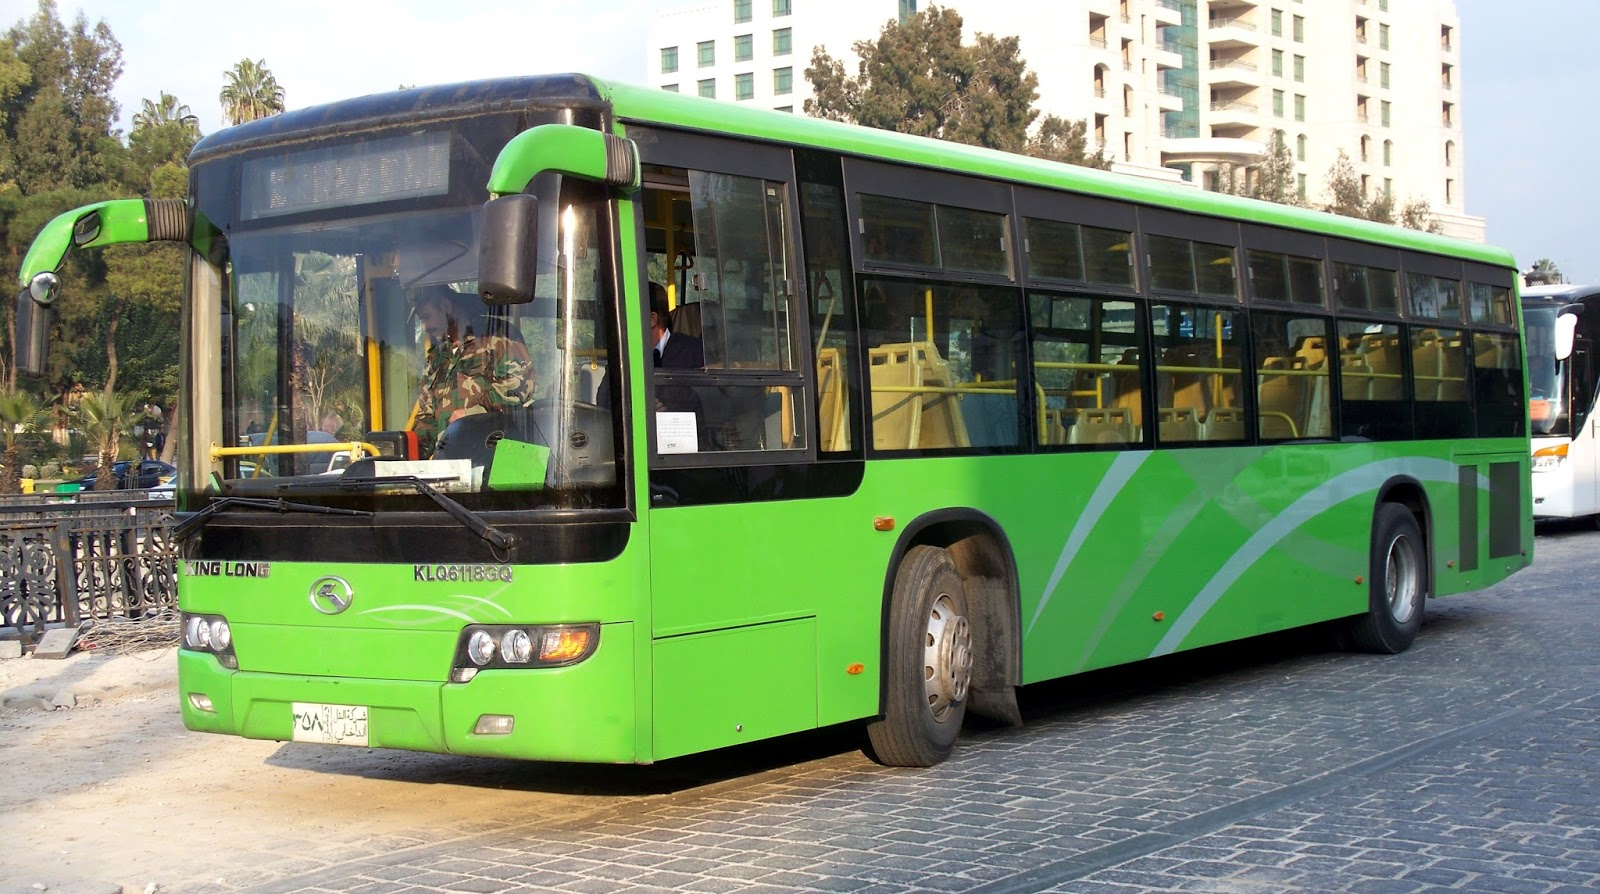 بيئي طريقة أرني تفسير رؤية ركوب الباص في المنام Dsvdedommel Com